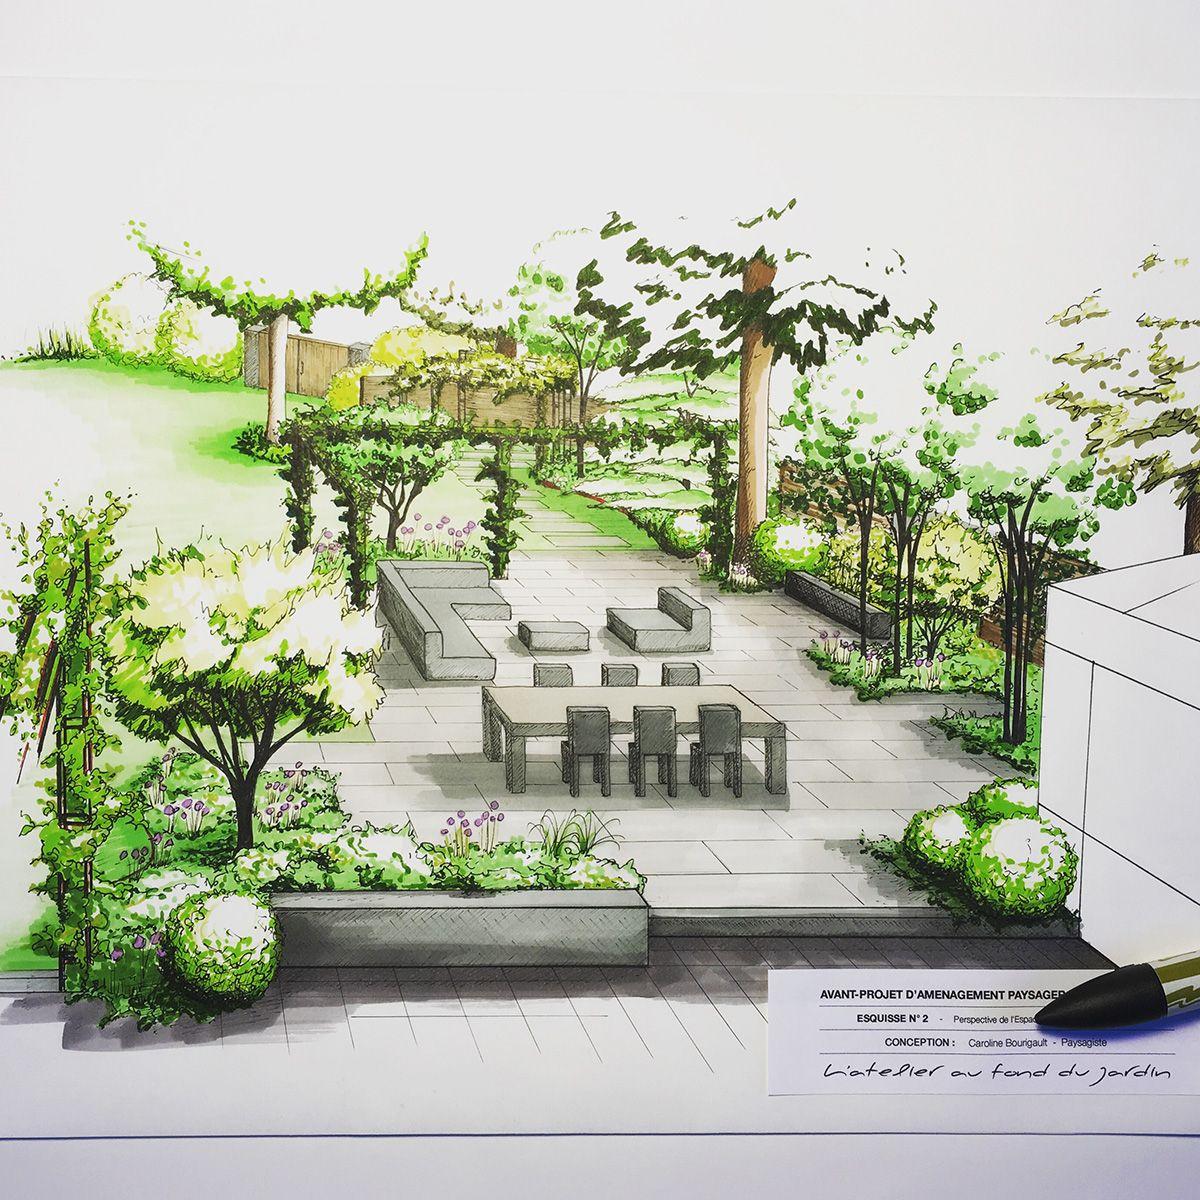 Épinglé Sur Landscape Architecture à Créer Son Jardin En 3D Gratuit